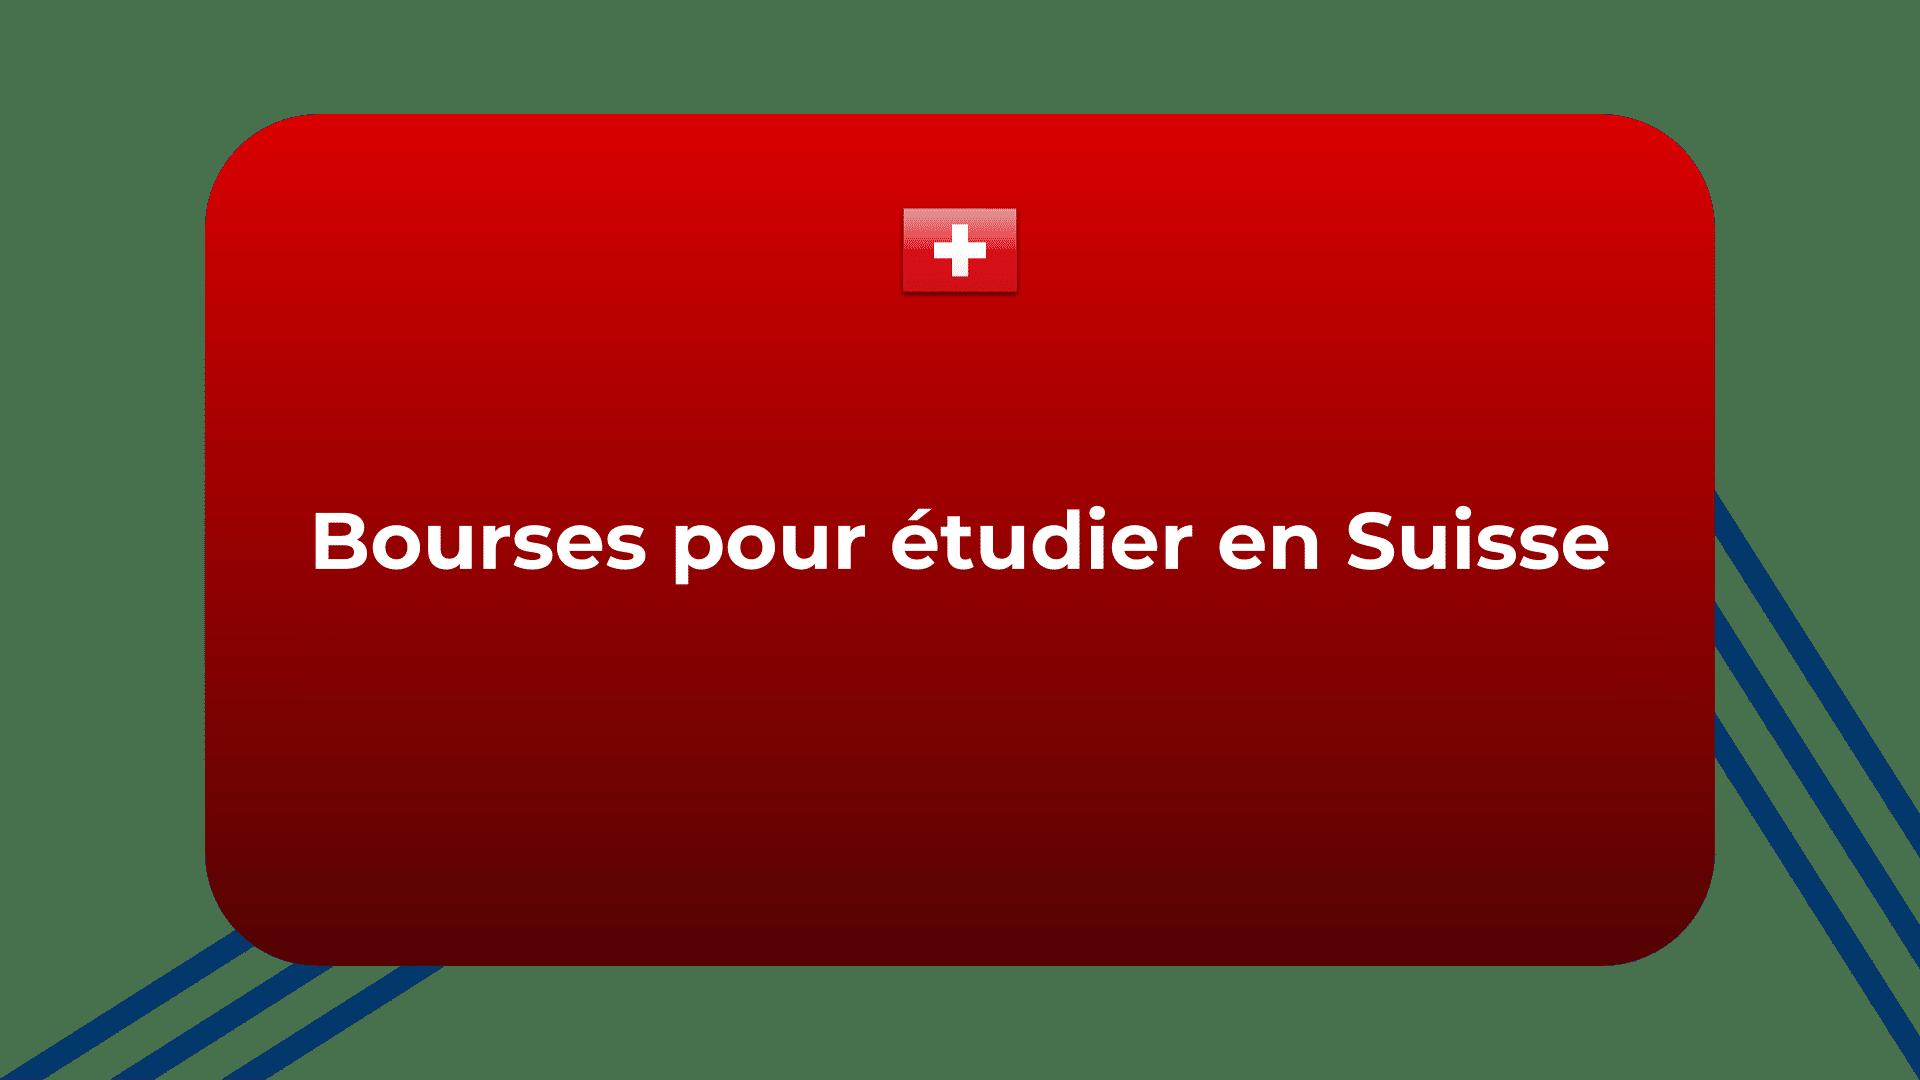 Bourses pour étudier en Suisse